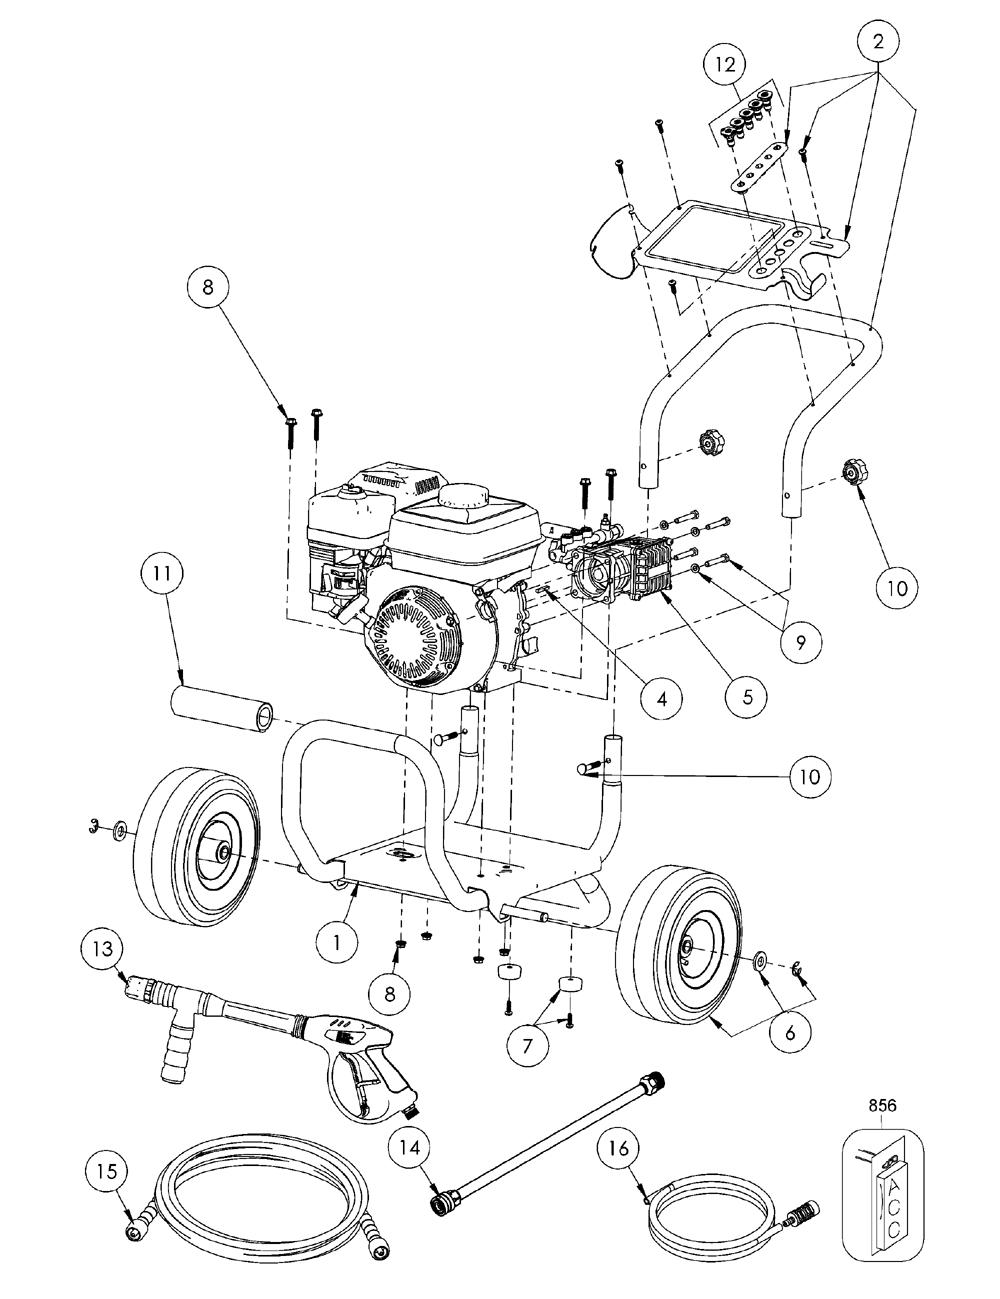 Dewalt dx 3425 type 0 parts schematic